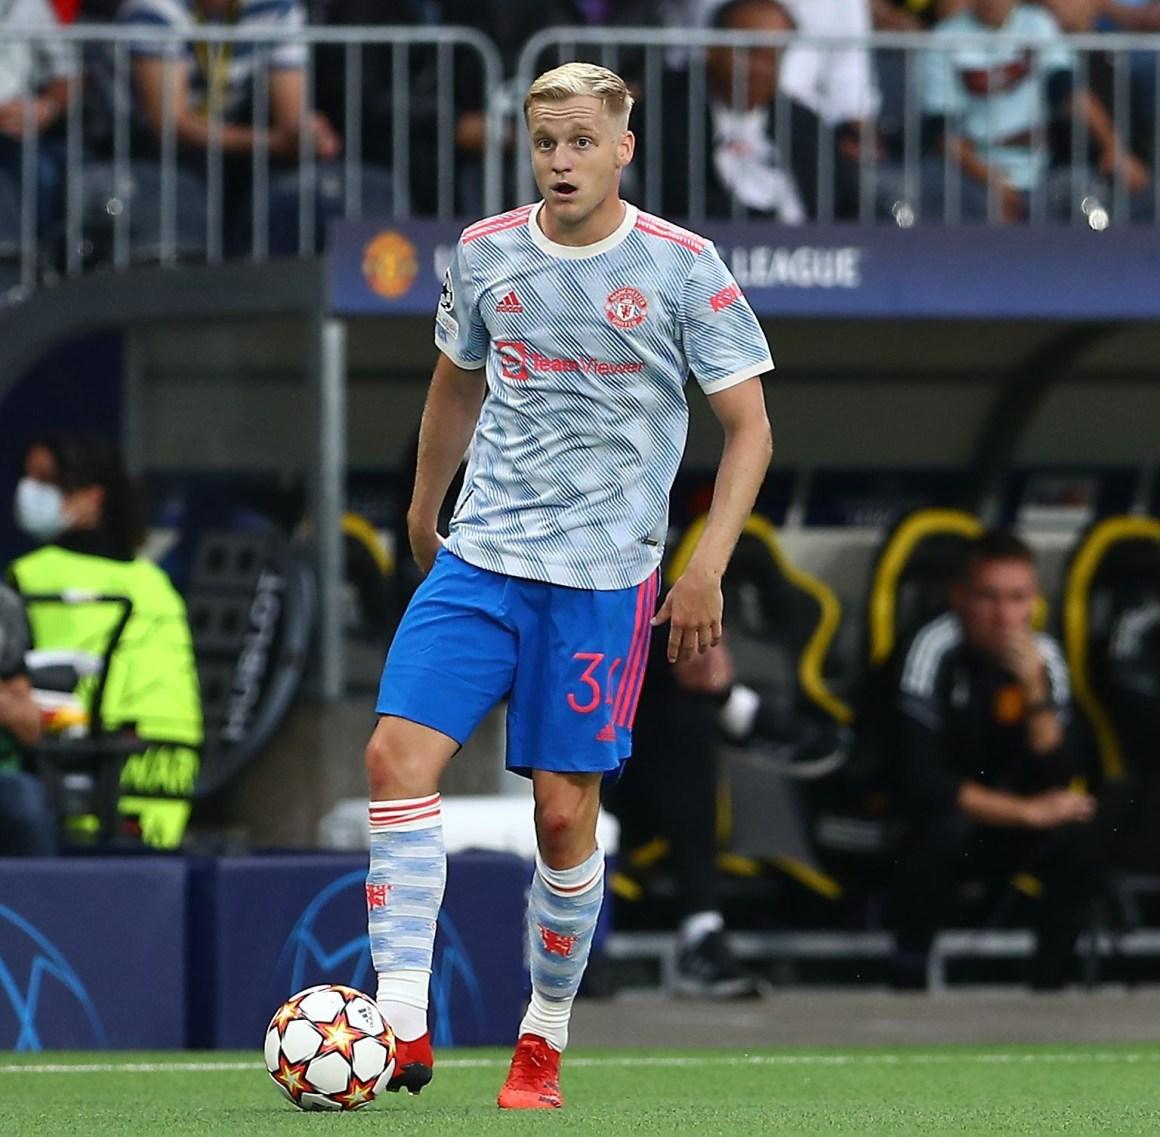 Man Utd fans joke 'he's done more than Donny van de Beek' as streaker  interrupts Young Boys loss